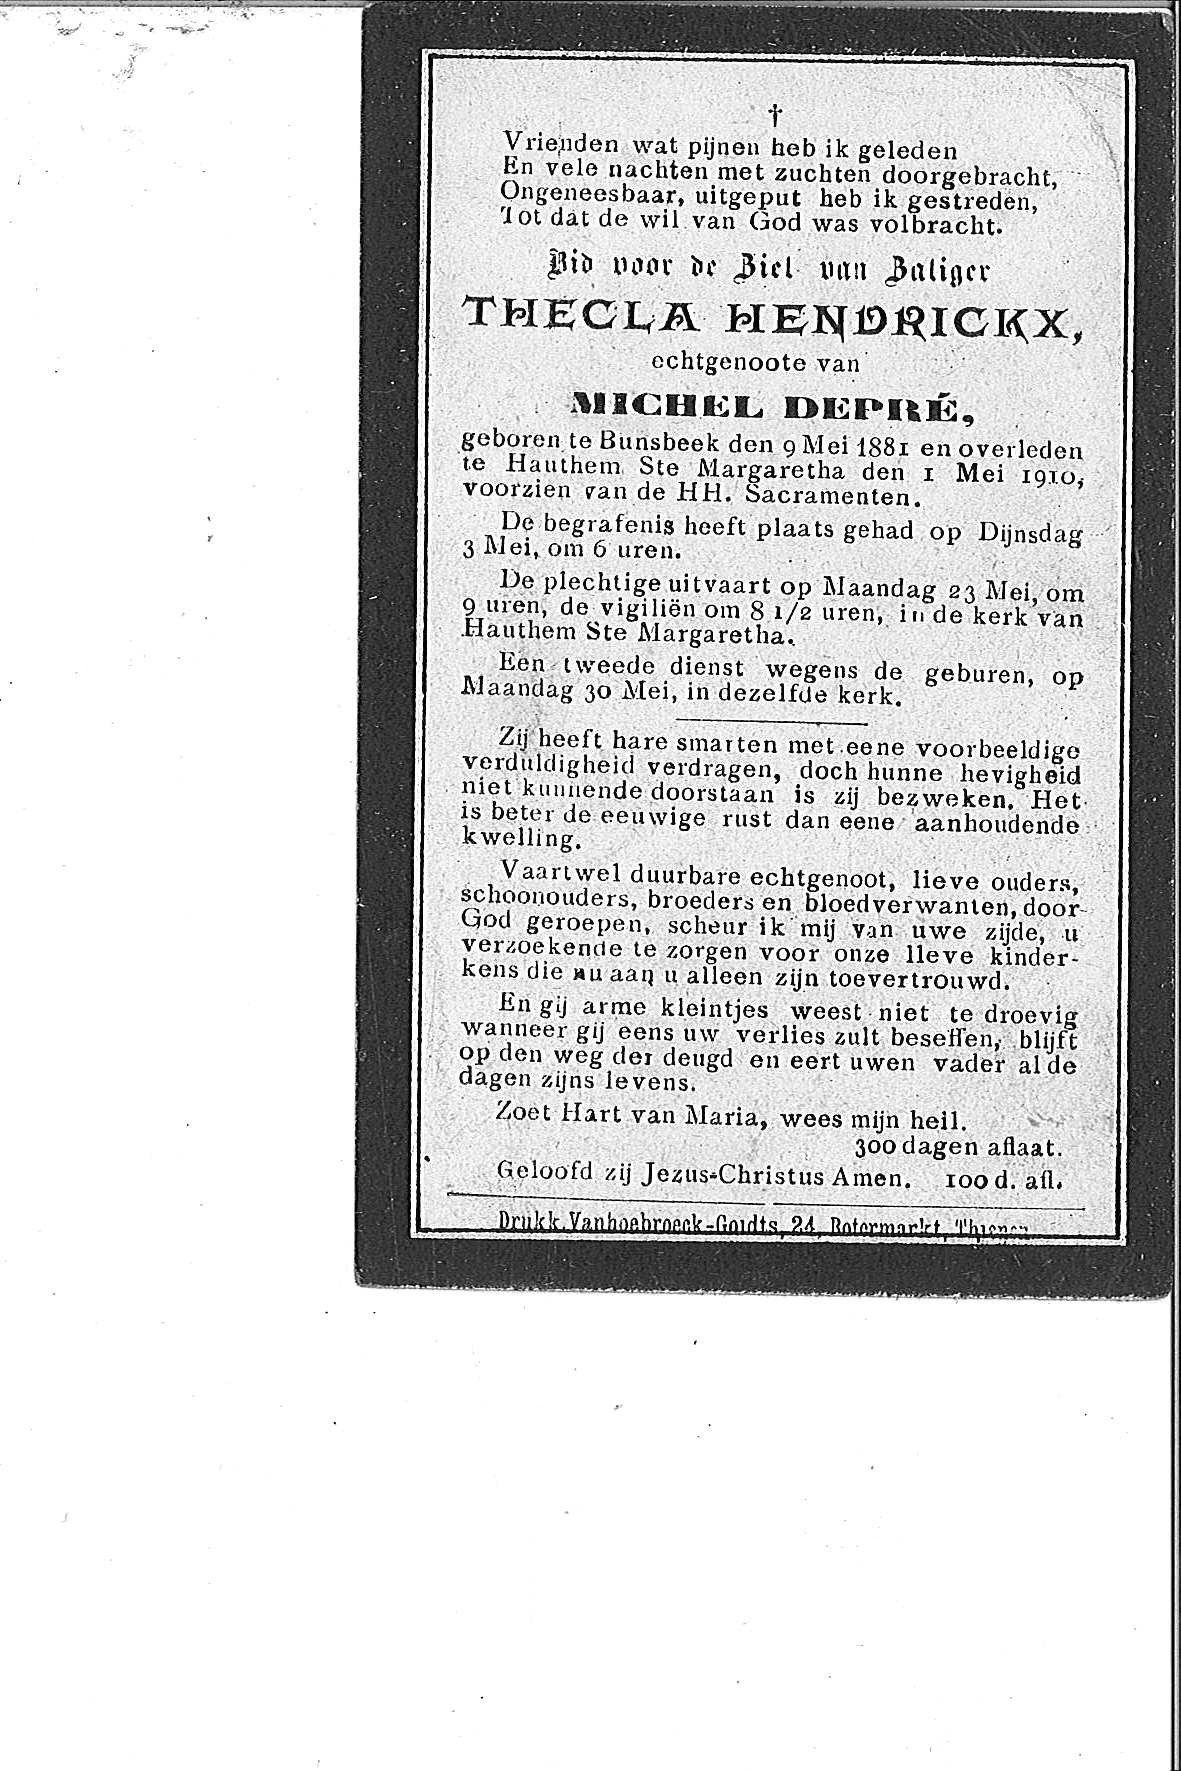 Thecla(1910)20141104145235_00031.jpg